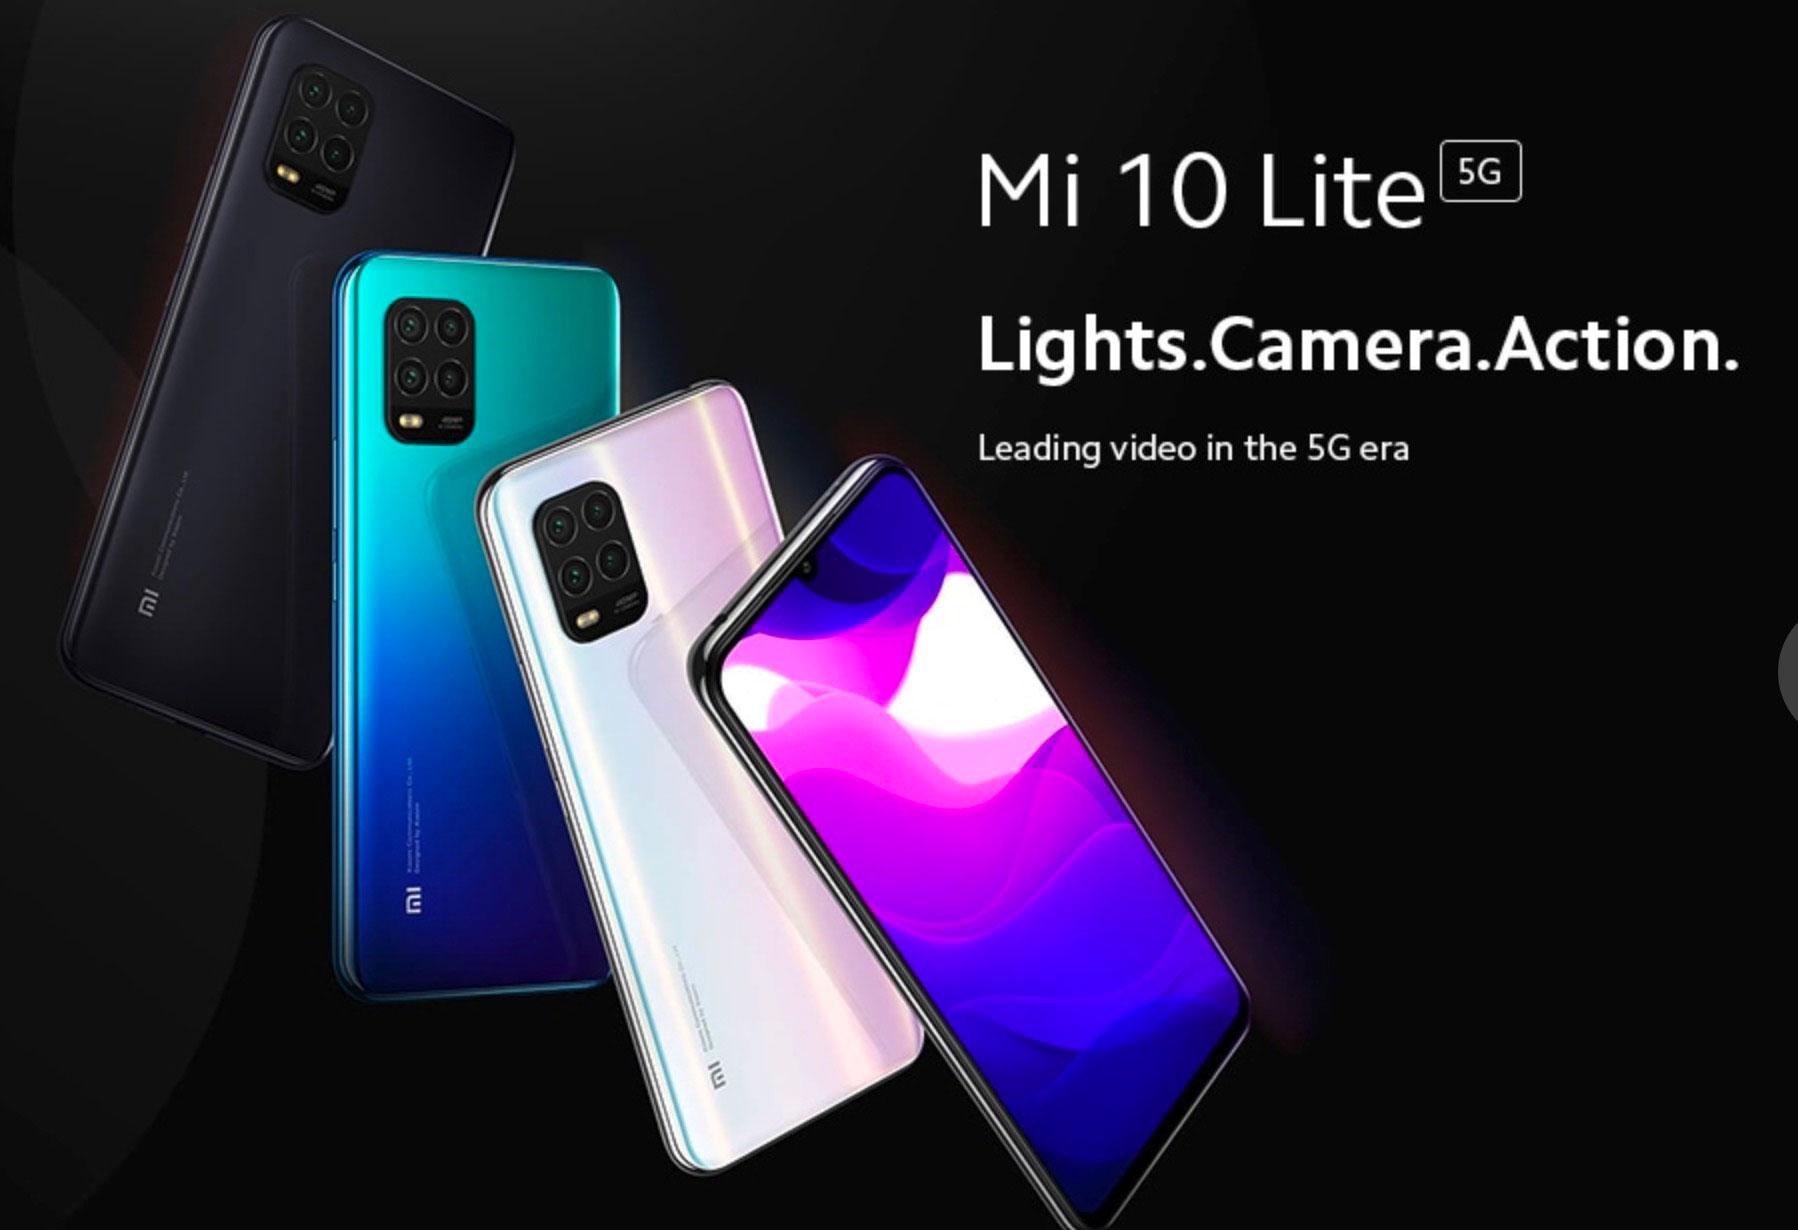 Le Xiaomi Mi 10 Lite et ses différentes couleurs